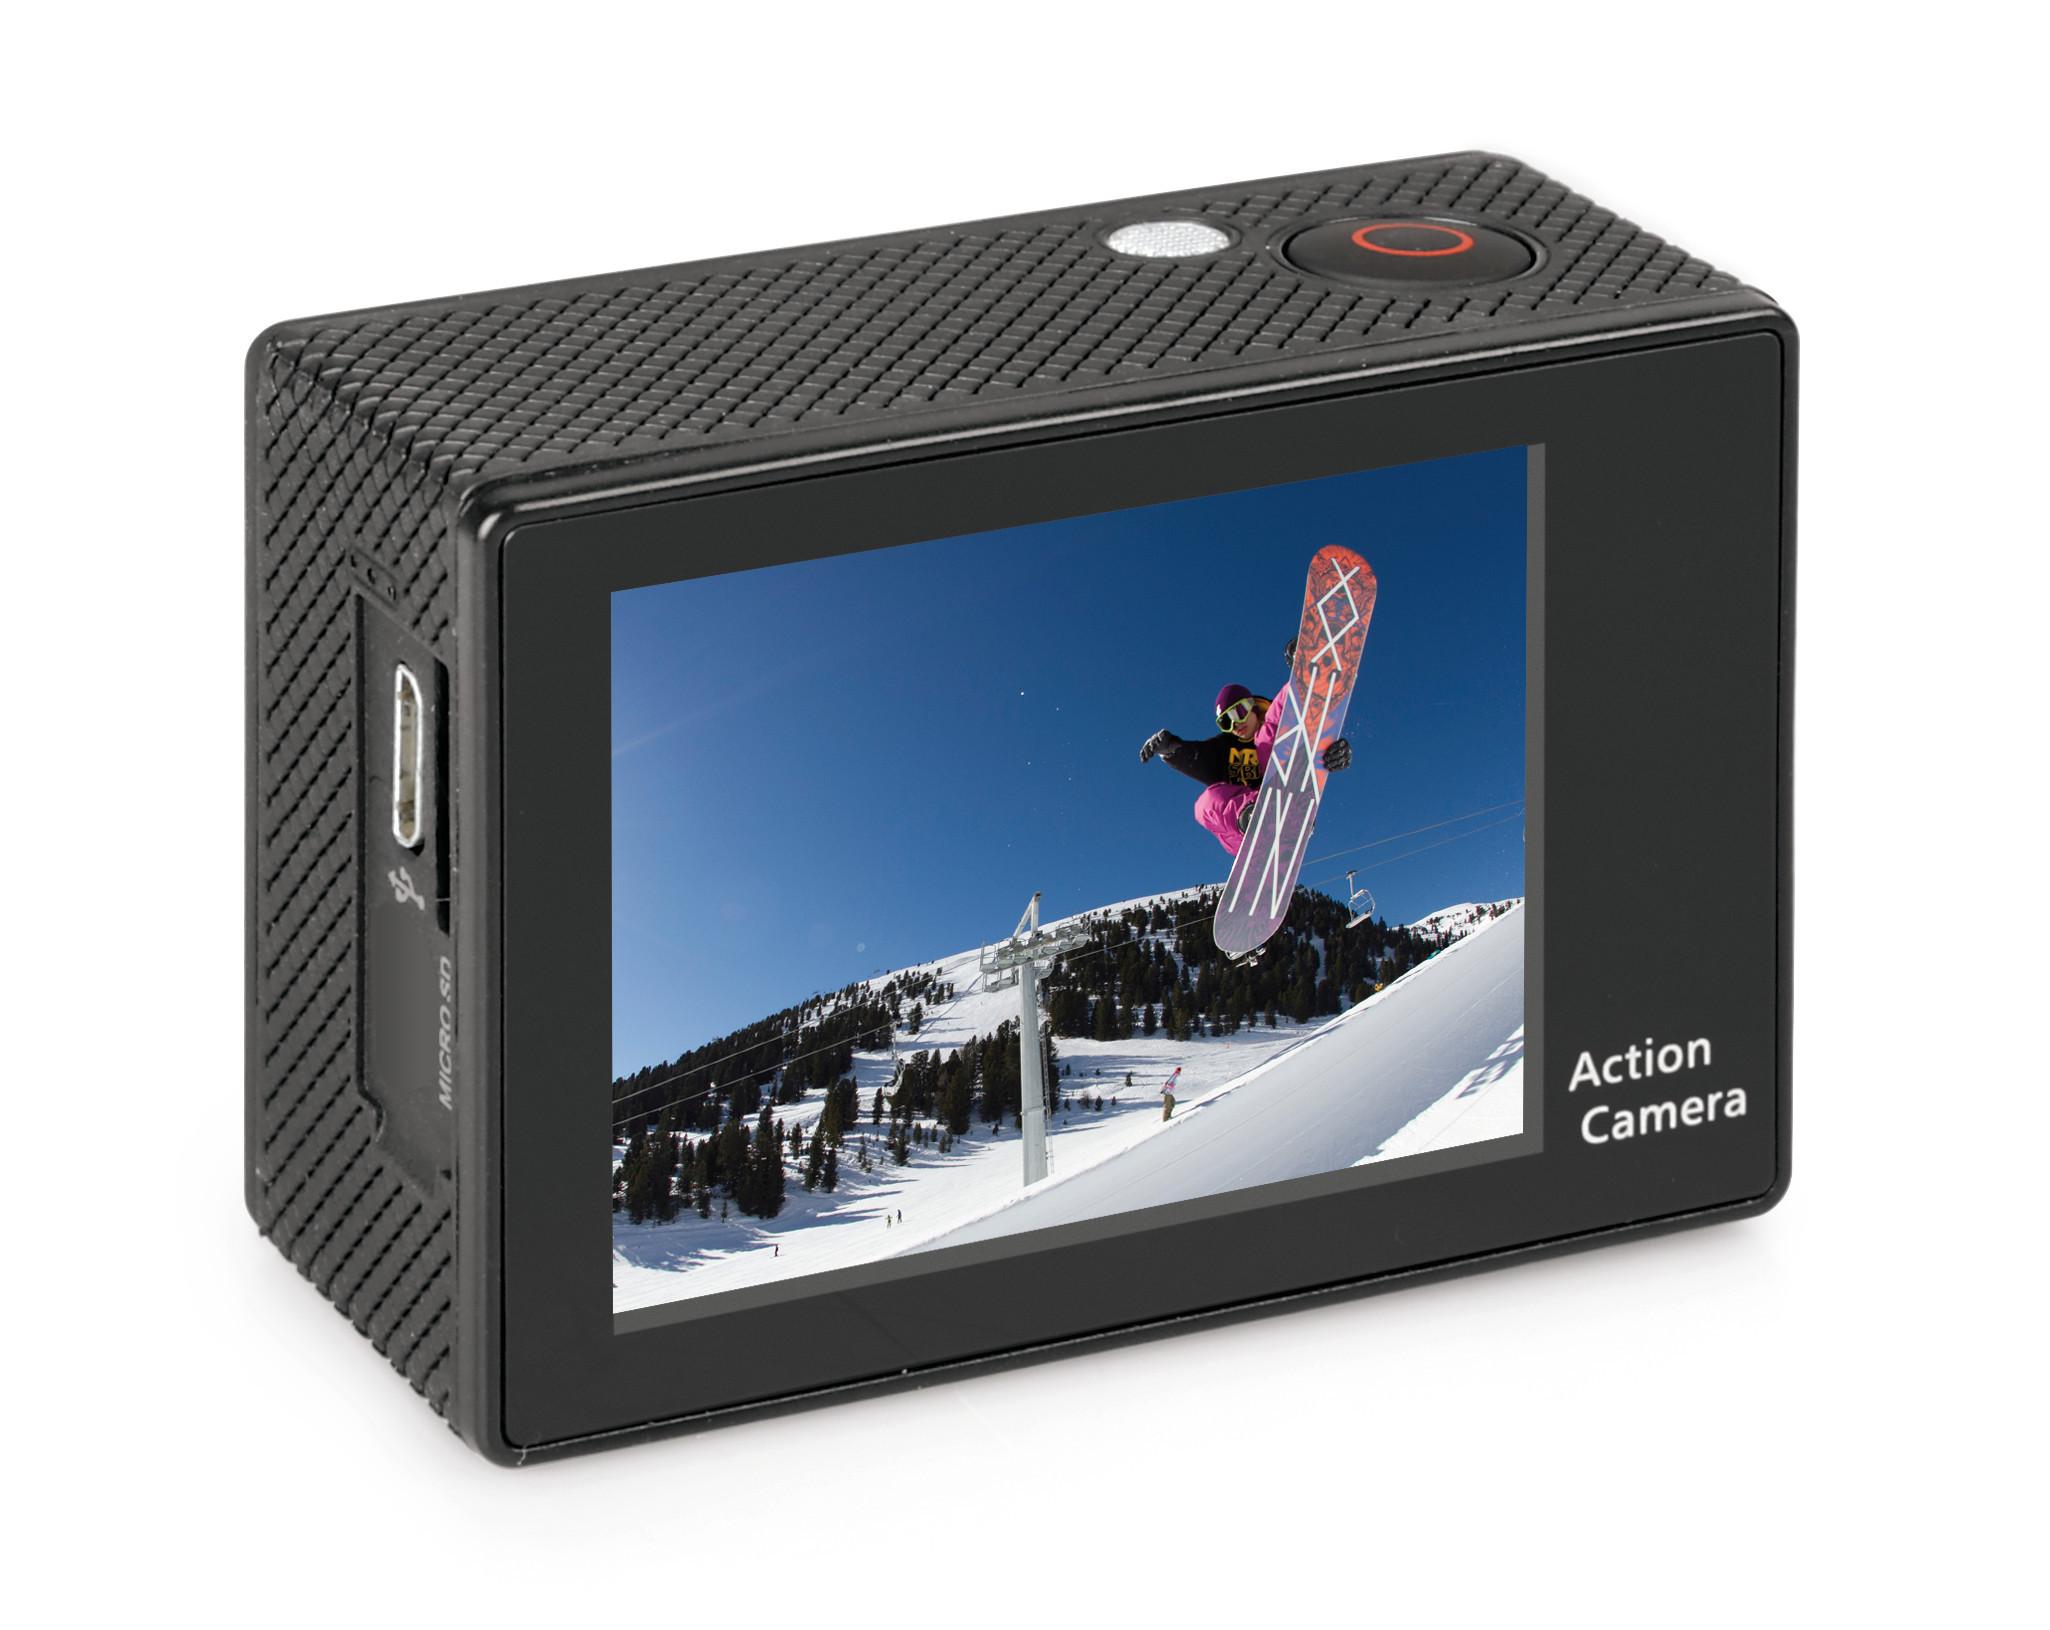 prezzo onesto vari colori miglior servizio Action-Cam 1, telecamera per sport 720p + Kit accessori